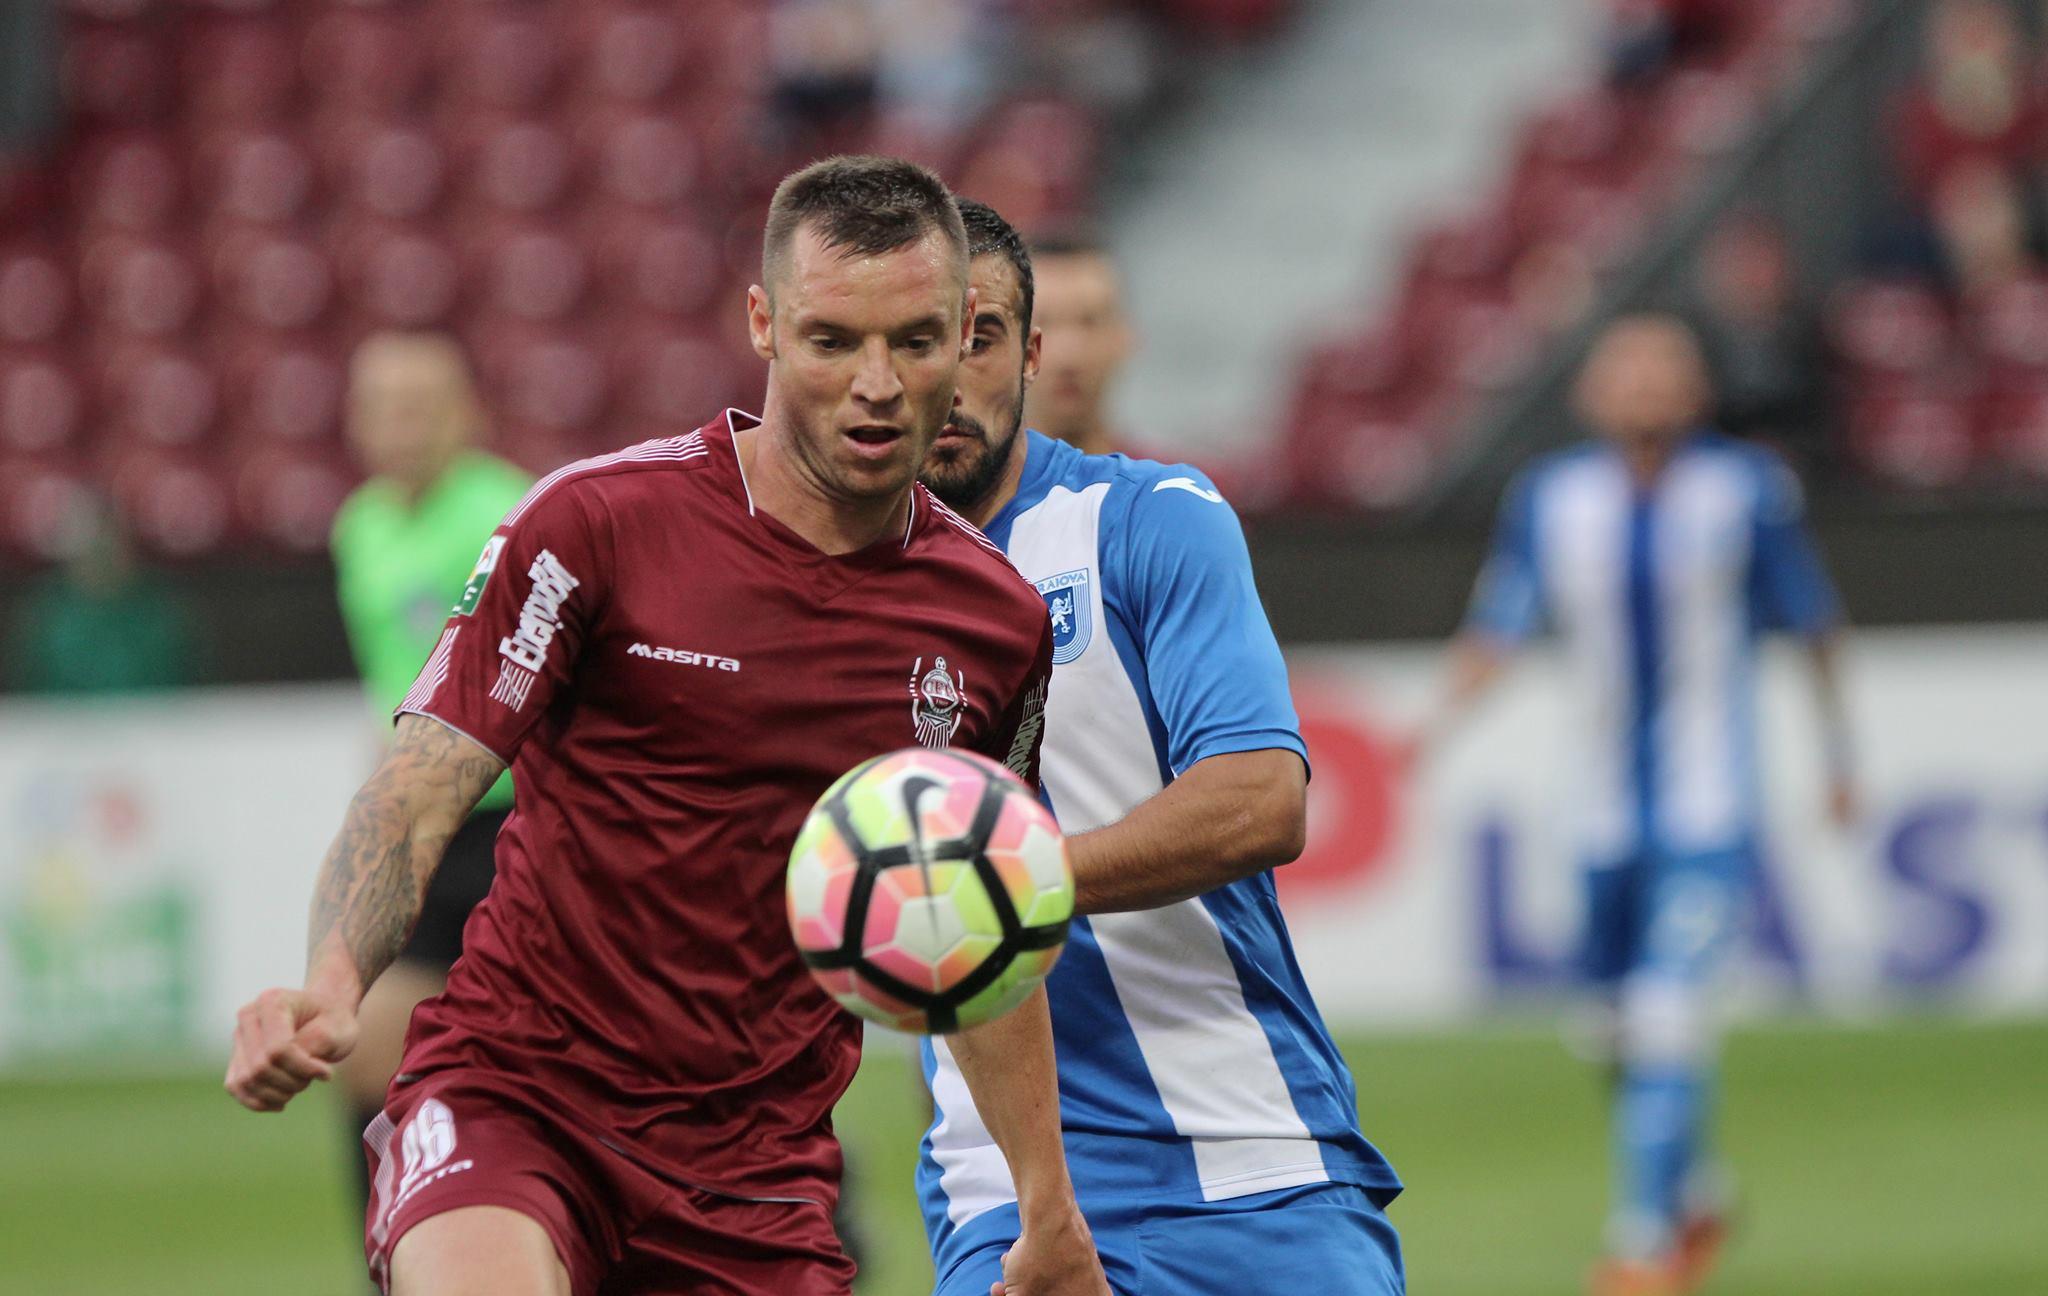 Autor a două goluri în meciul cu Steaua, Cristian Bud a ajuns la cota 6, în clasamentul golgheterilor din Liga 1 / Foto: Dan Bodea